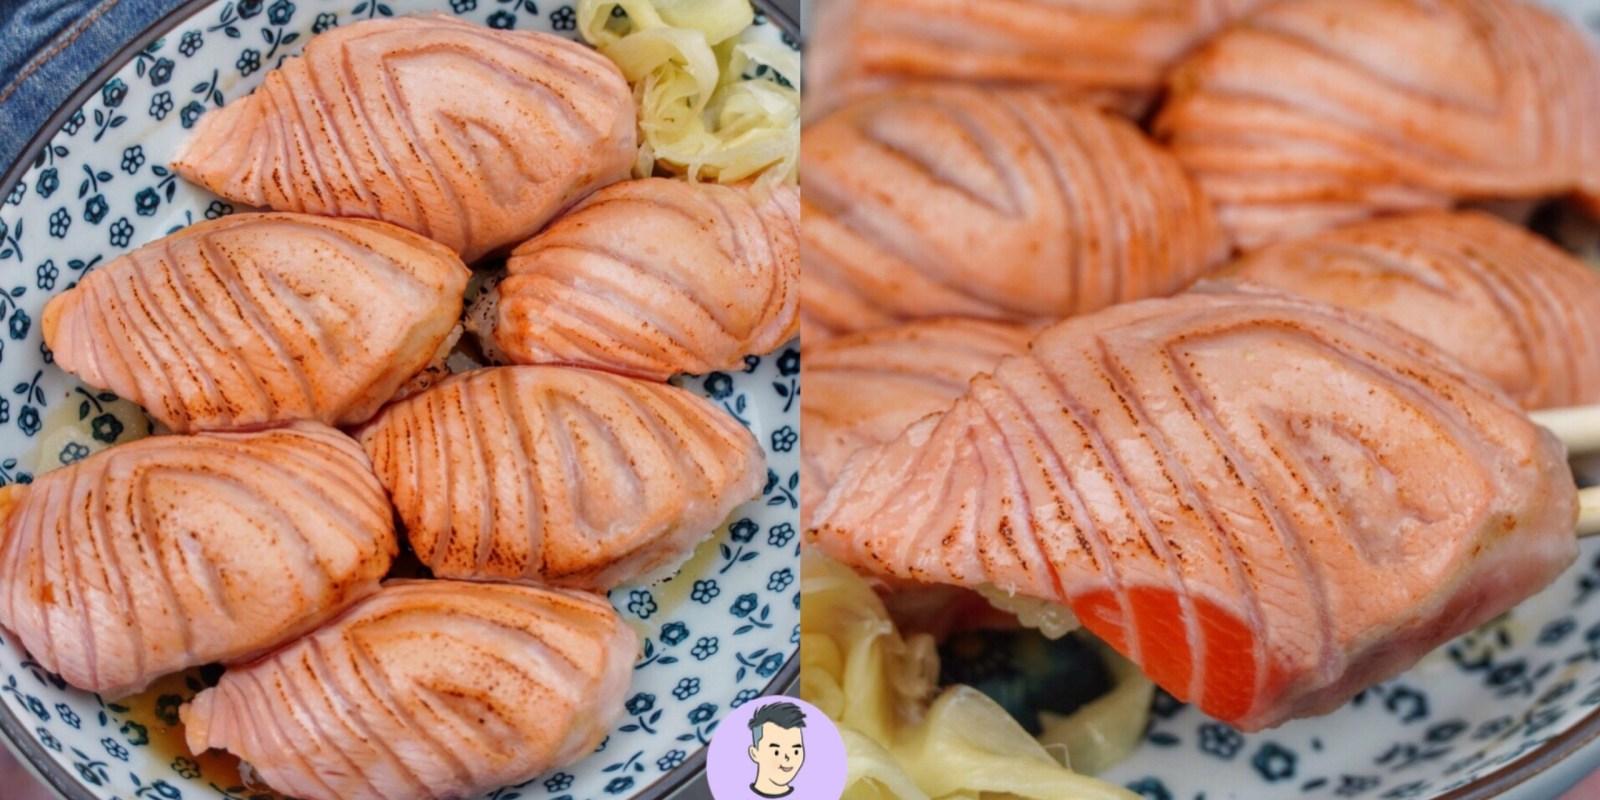 【台南美食】台南經典老字號路邊攤日料「橋壽司」炙燒鮭魚握壽司好大貫 - 中西區美食|炙燒鮭魚